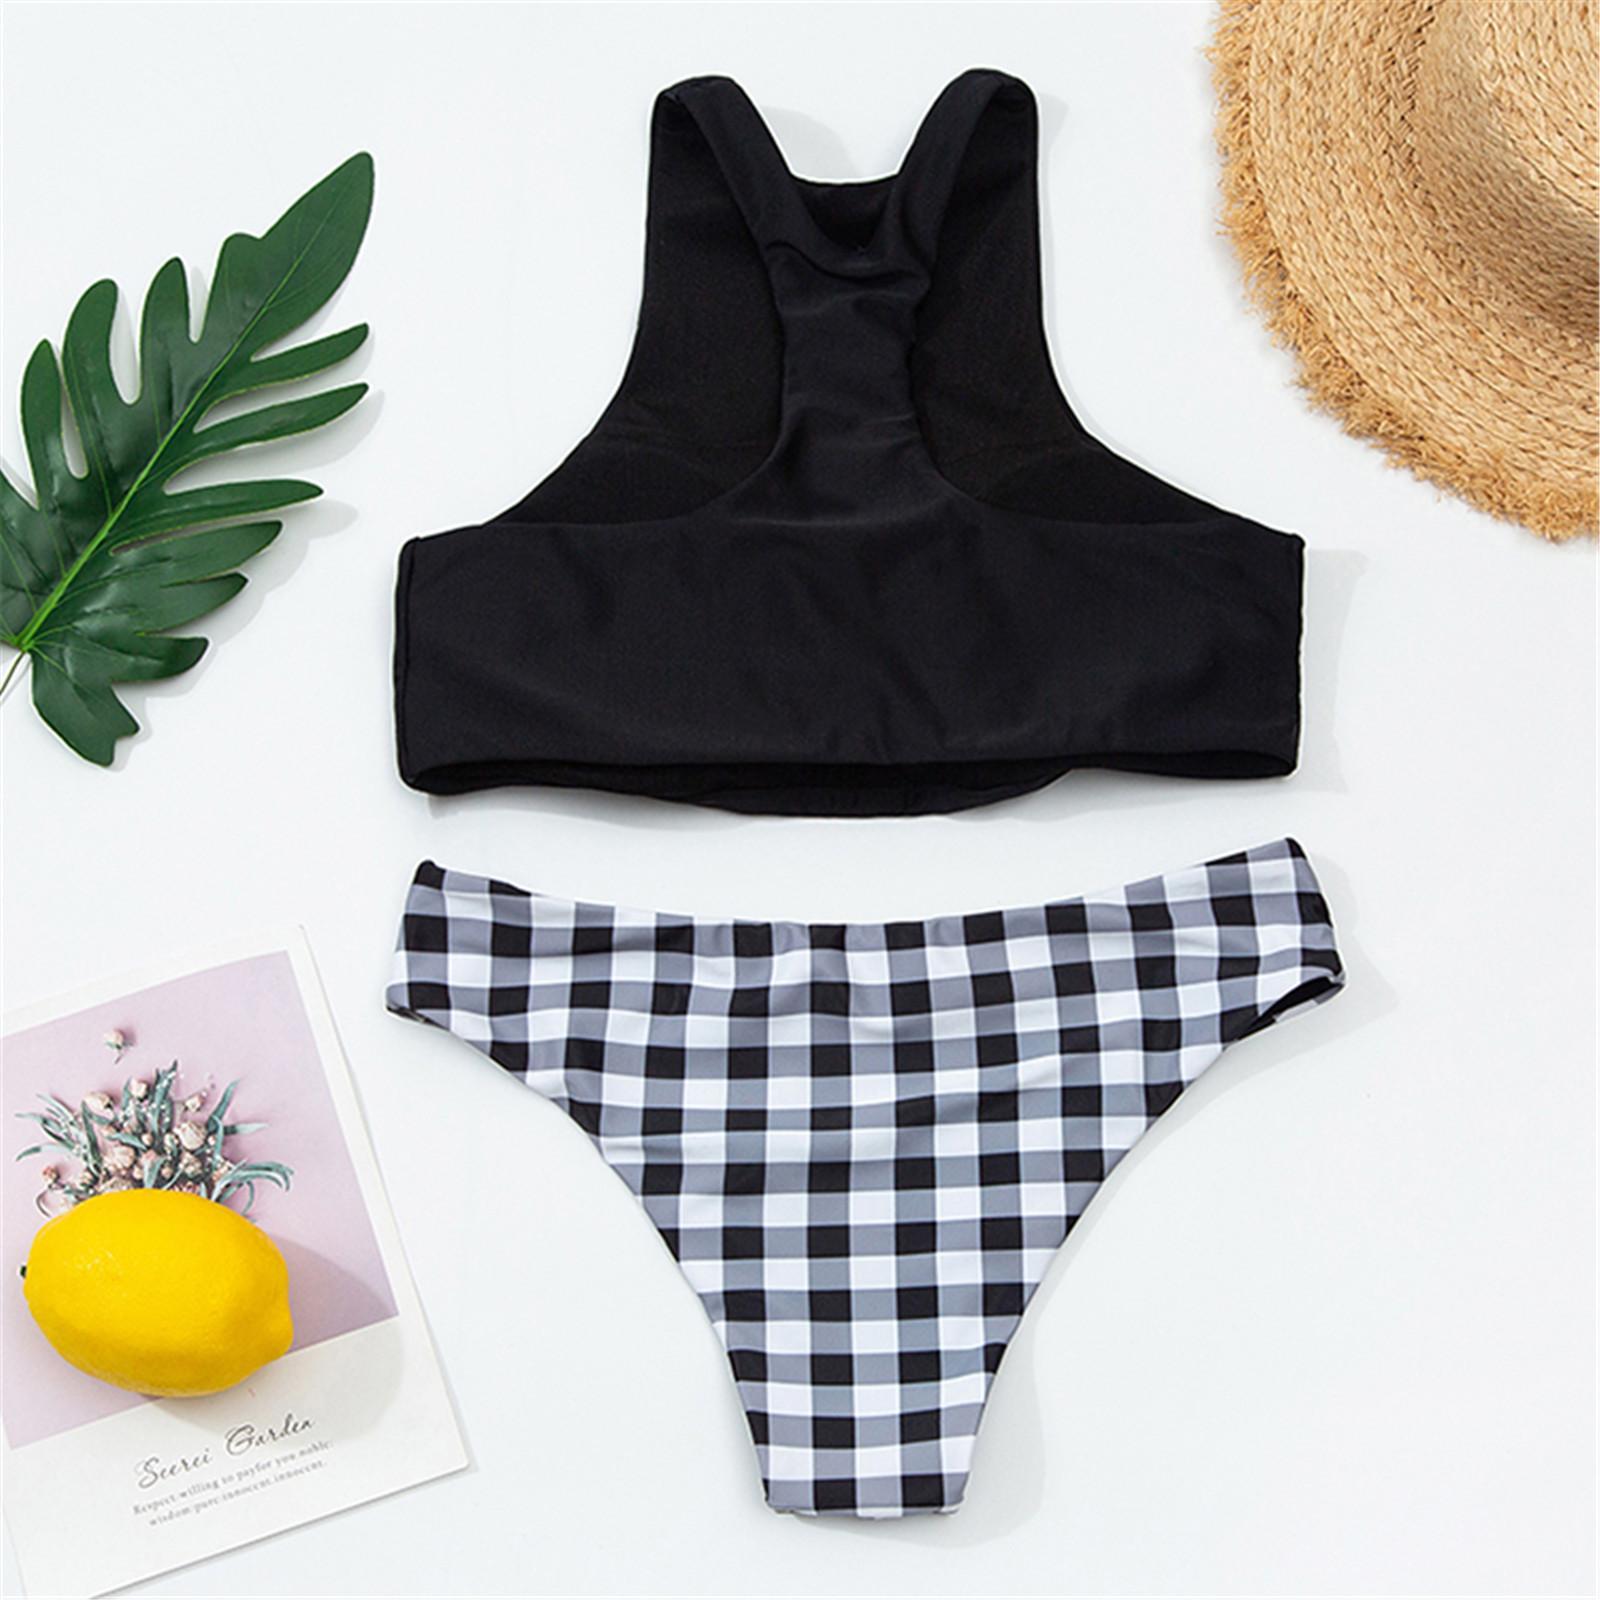 Klasik Bikini Set Kadınlar Siyah Sutyen Yelek + Ekose Külot Seksi Bikini Set Brezilyalı Plaj Mikro Mayo Push Up Bikini Set Kadın Q1230